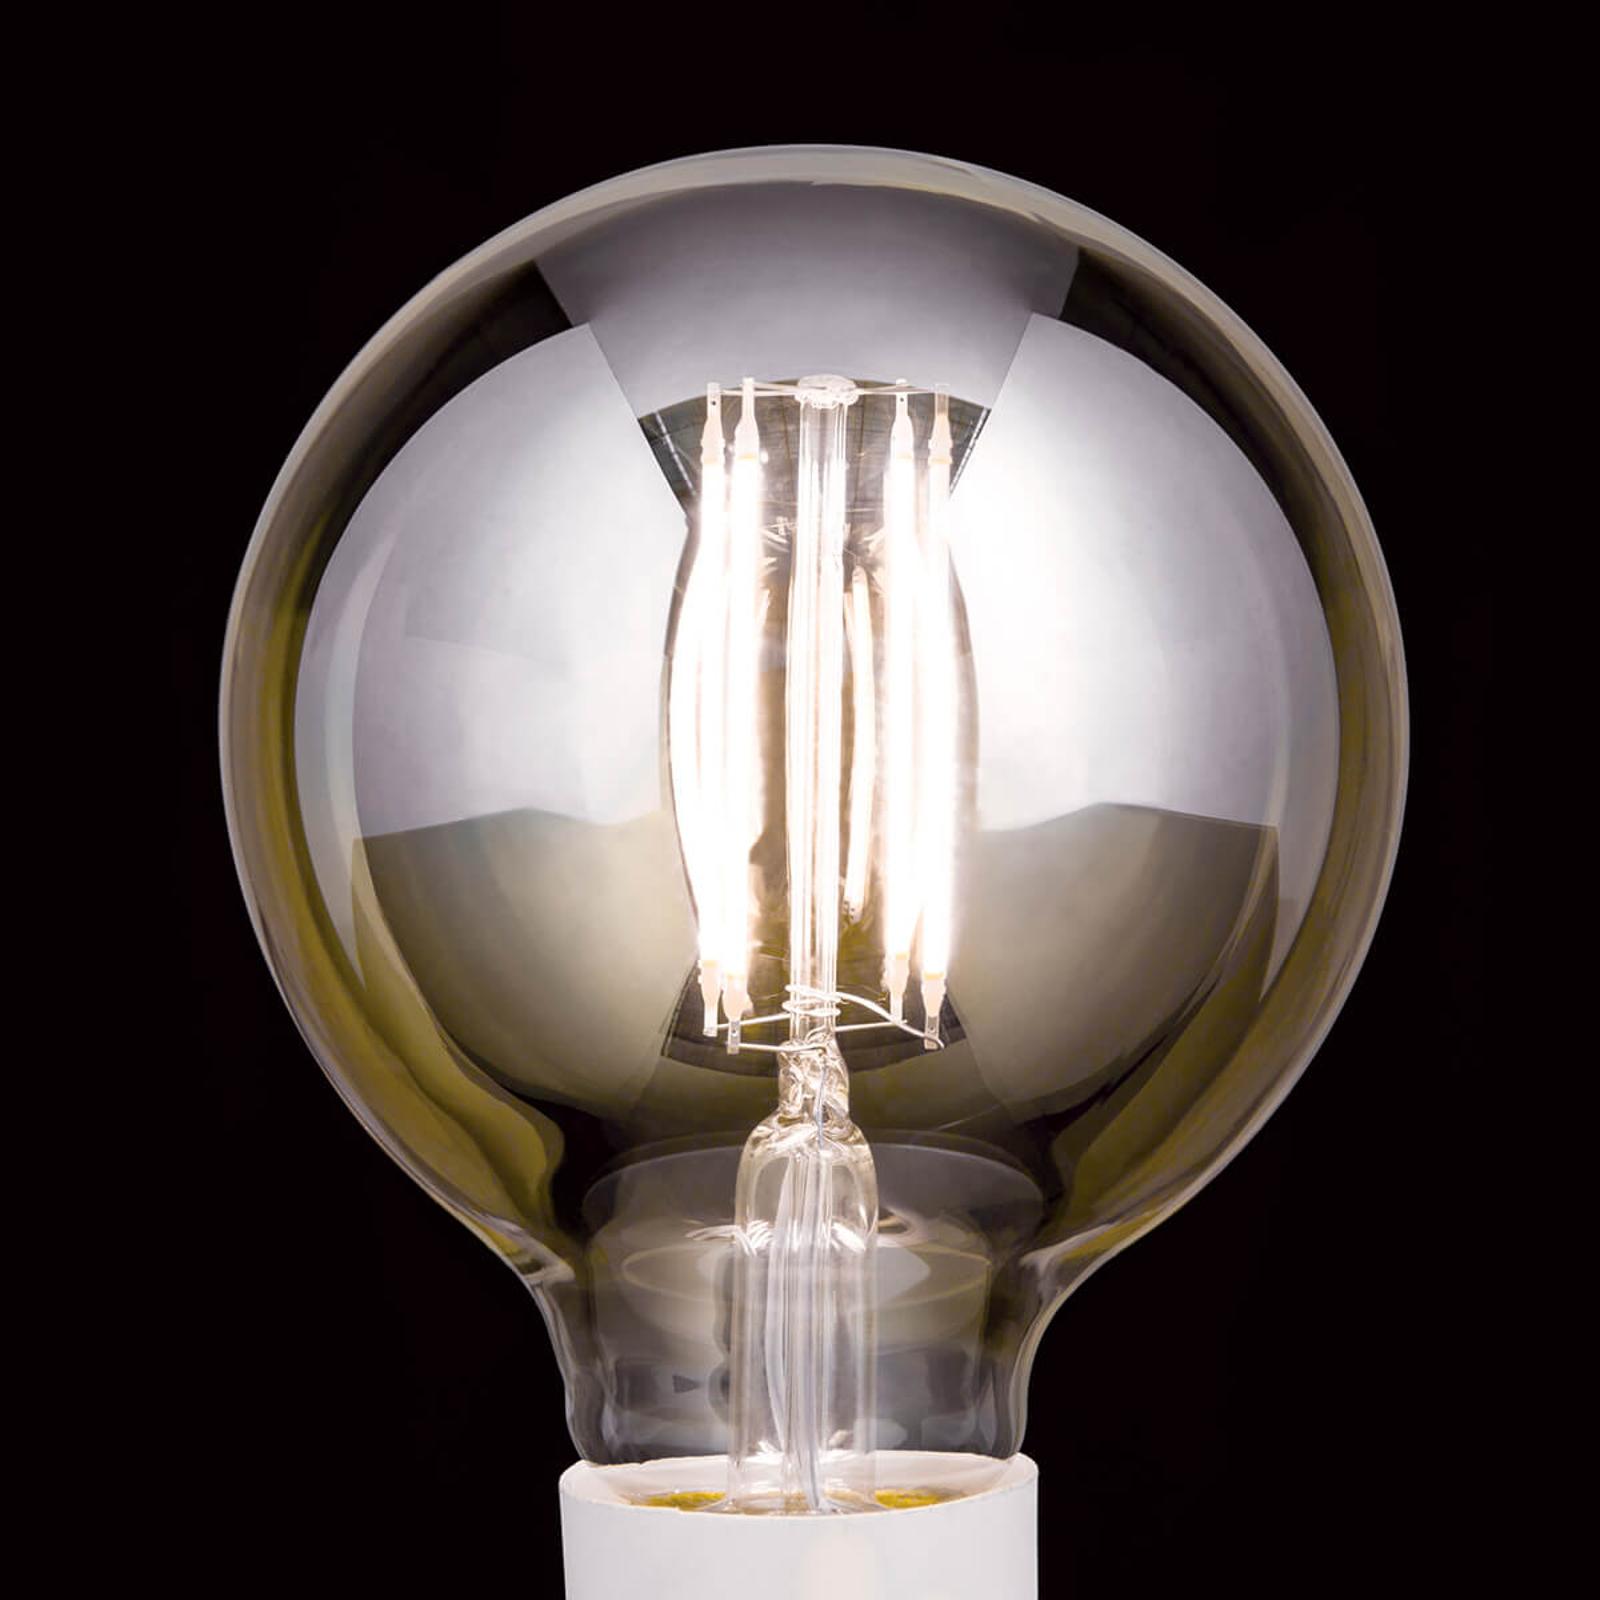 Żarówka kulista LED E27 7 W, 720 lumenów